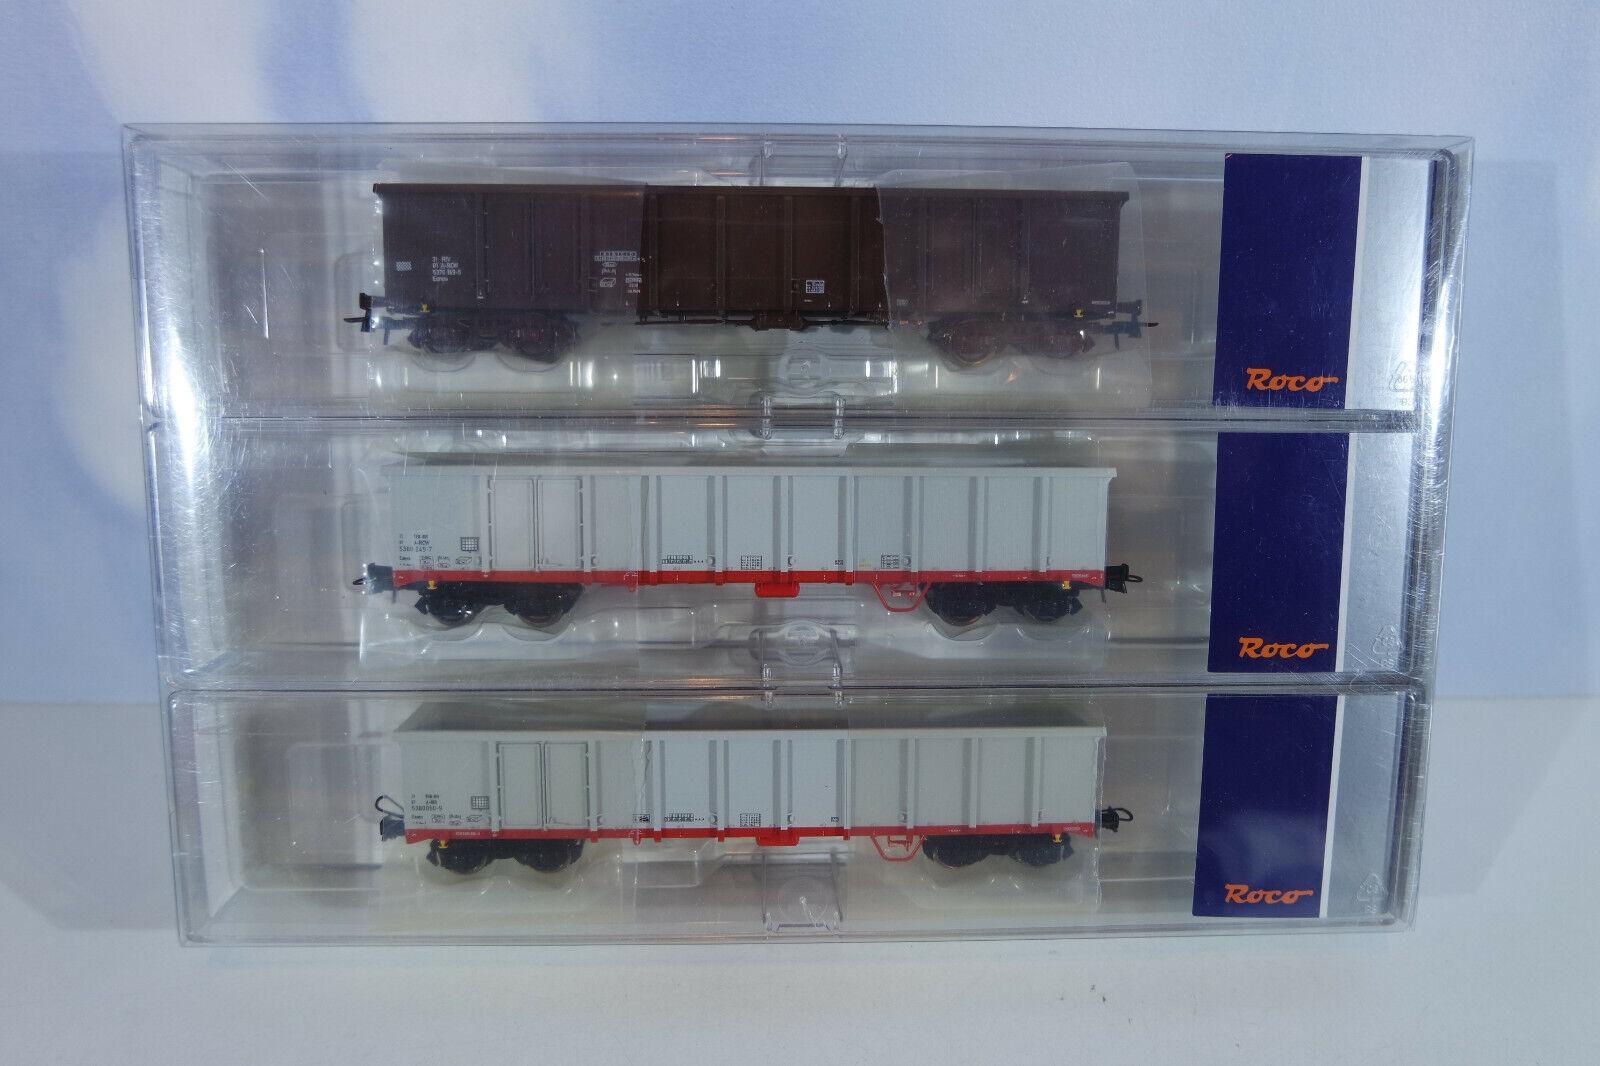 ROCO 67153 Wagenset, staccato, mattoncini, merce nuova in scatola originale